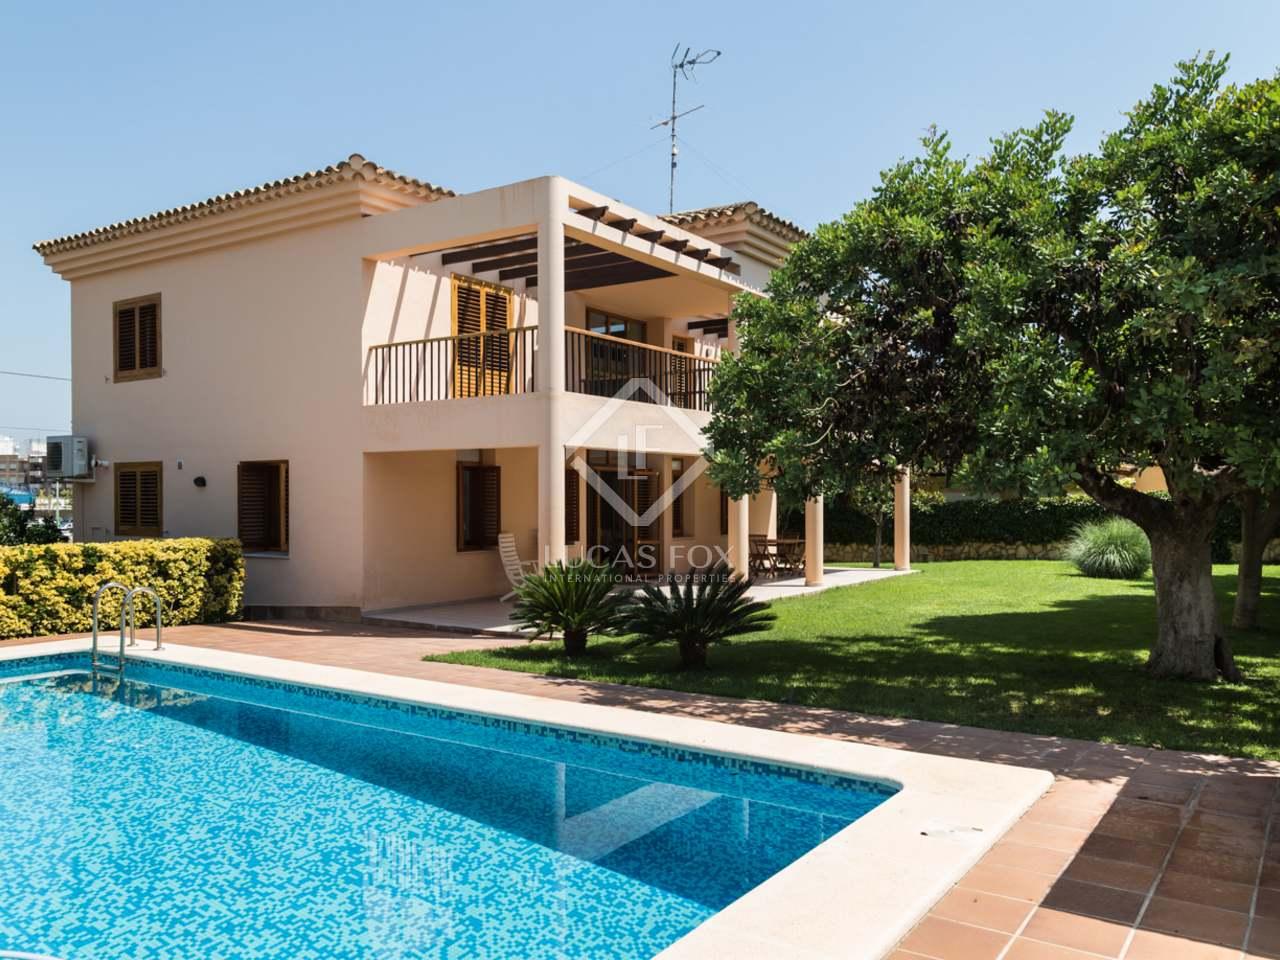 Preciosa villa con piscina en venta en la eliana valencia for Casa la villa